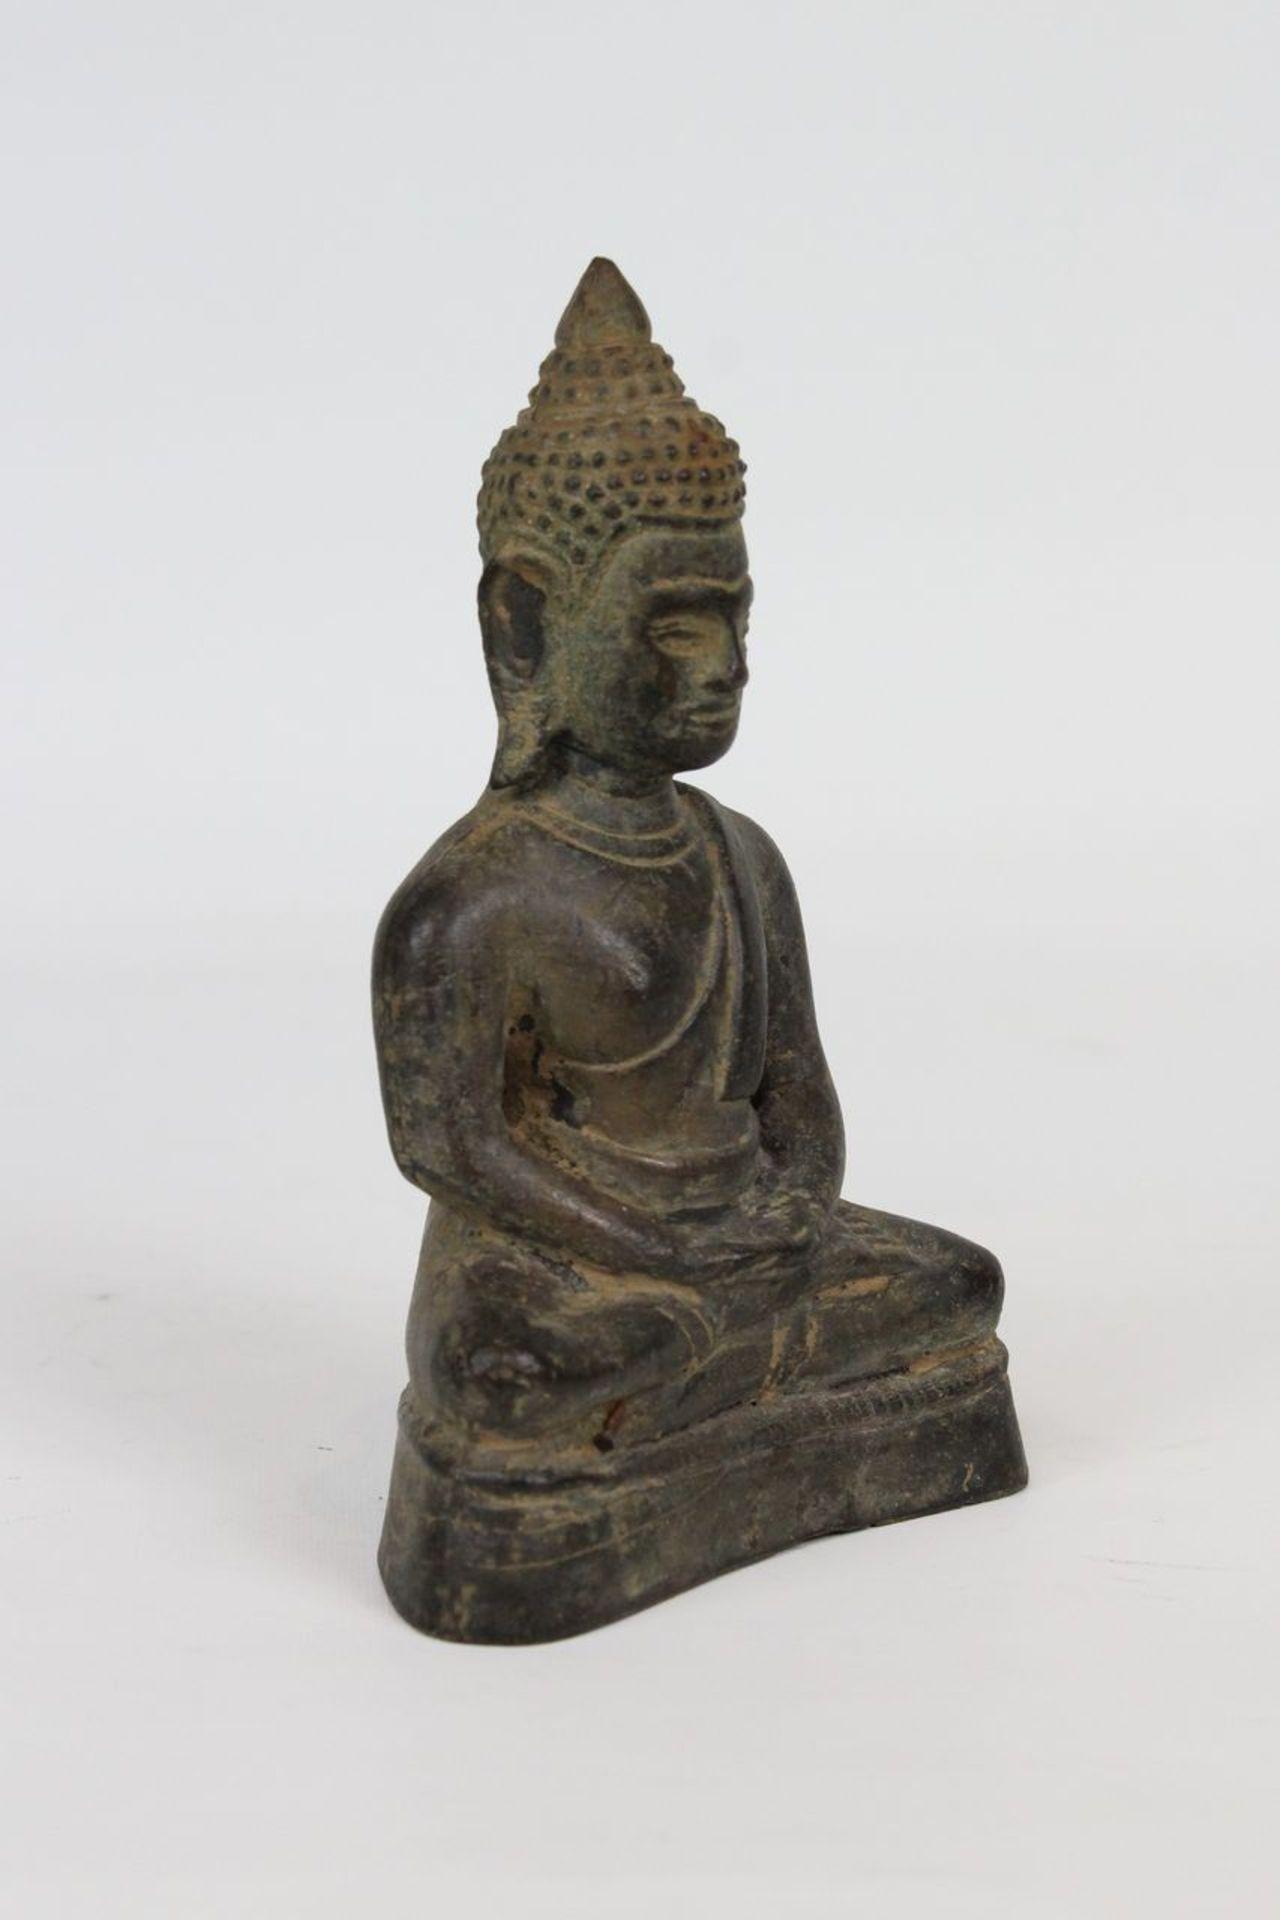 Sinotibetischer Bronze Boddhisatva - Image 2 of 5